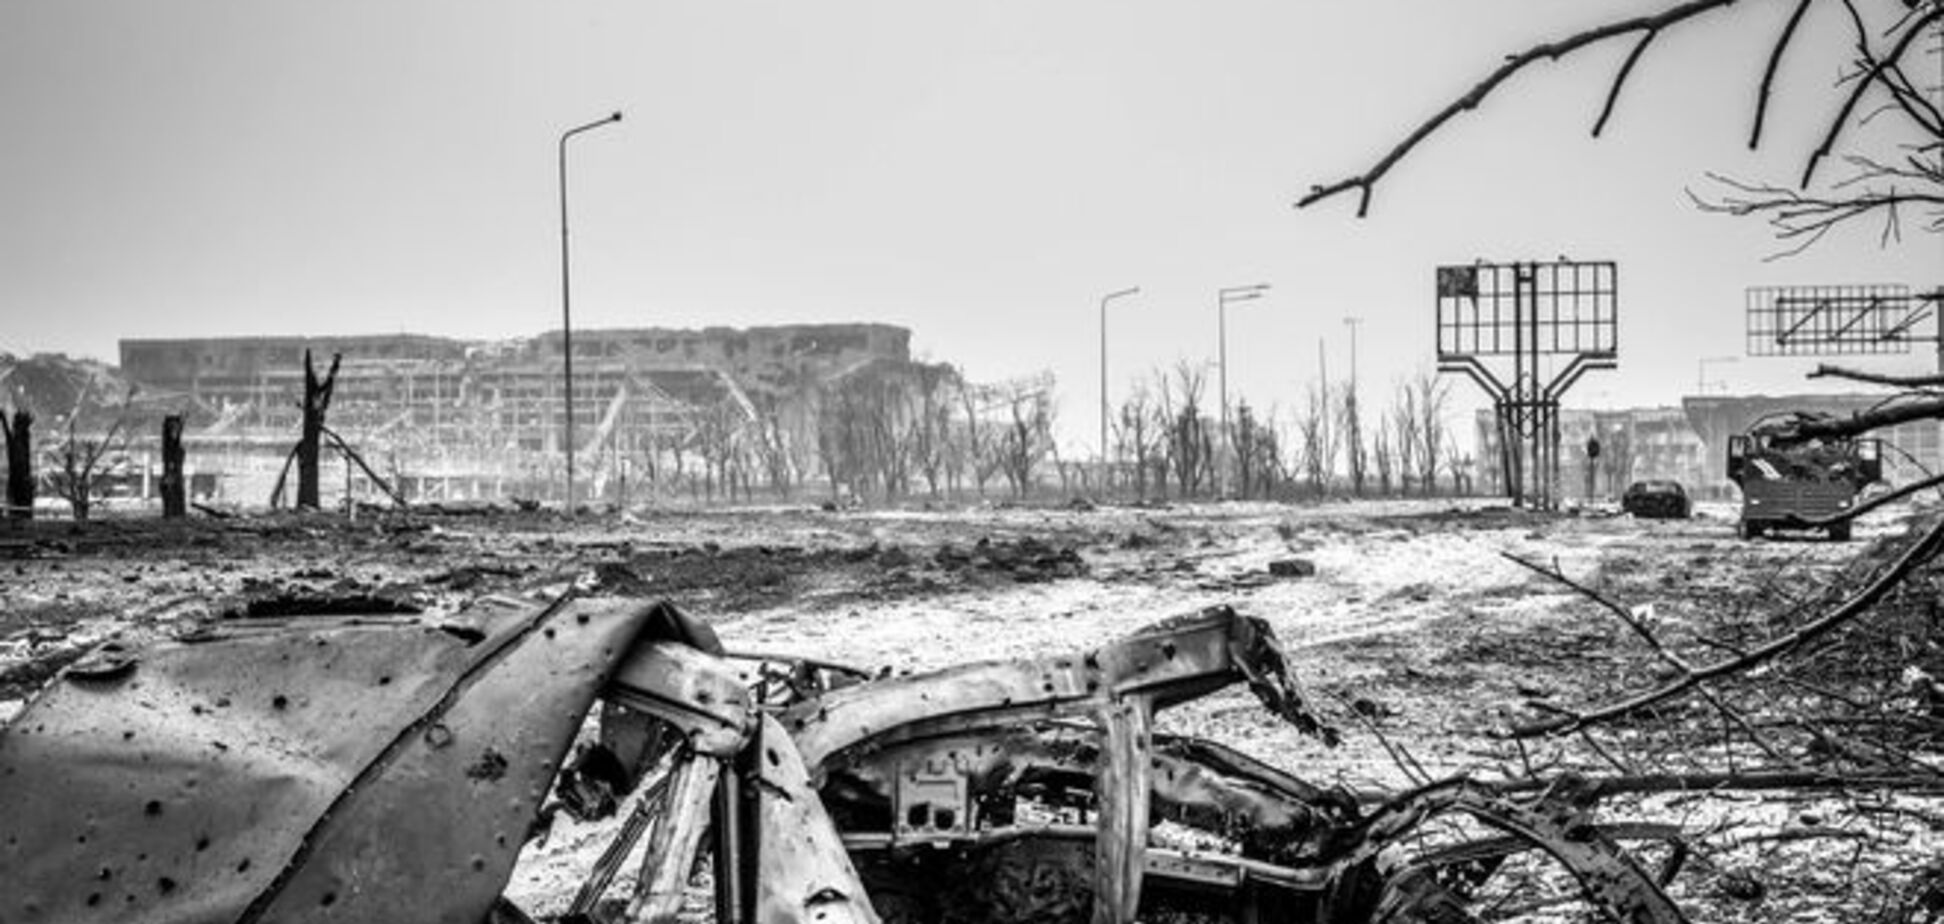 ОБСЕ зафиксировала в районе донецкого аэропорта применение тяжелой артиллерии